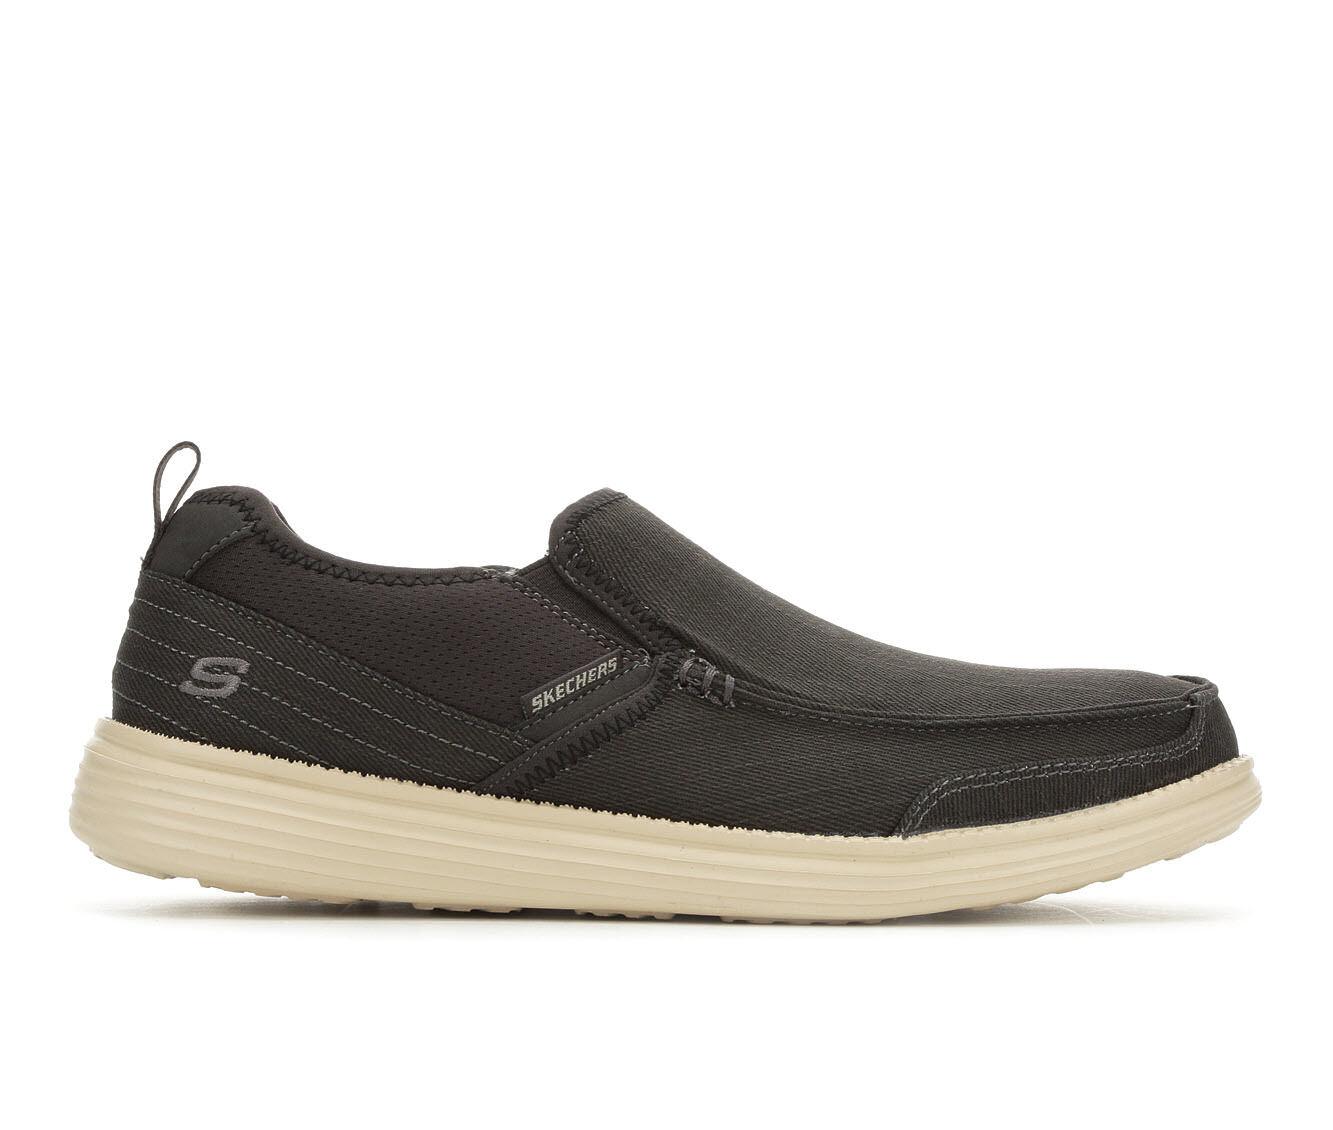 Men's Skechers Delton 65751 Casual Shoes Black